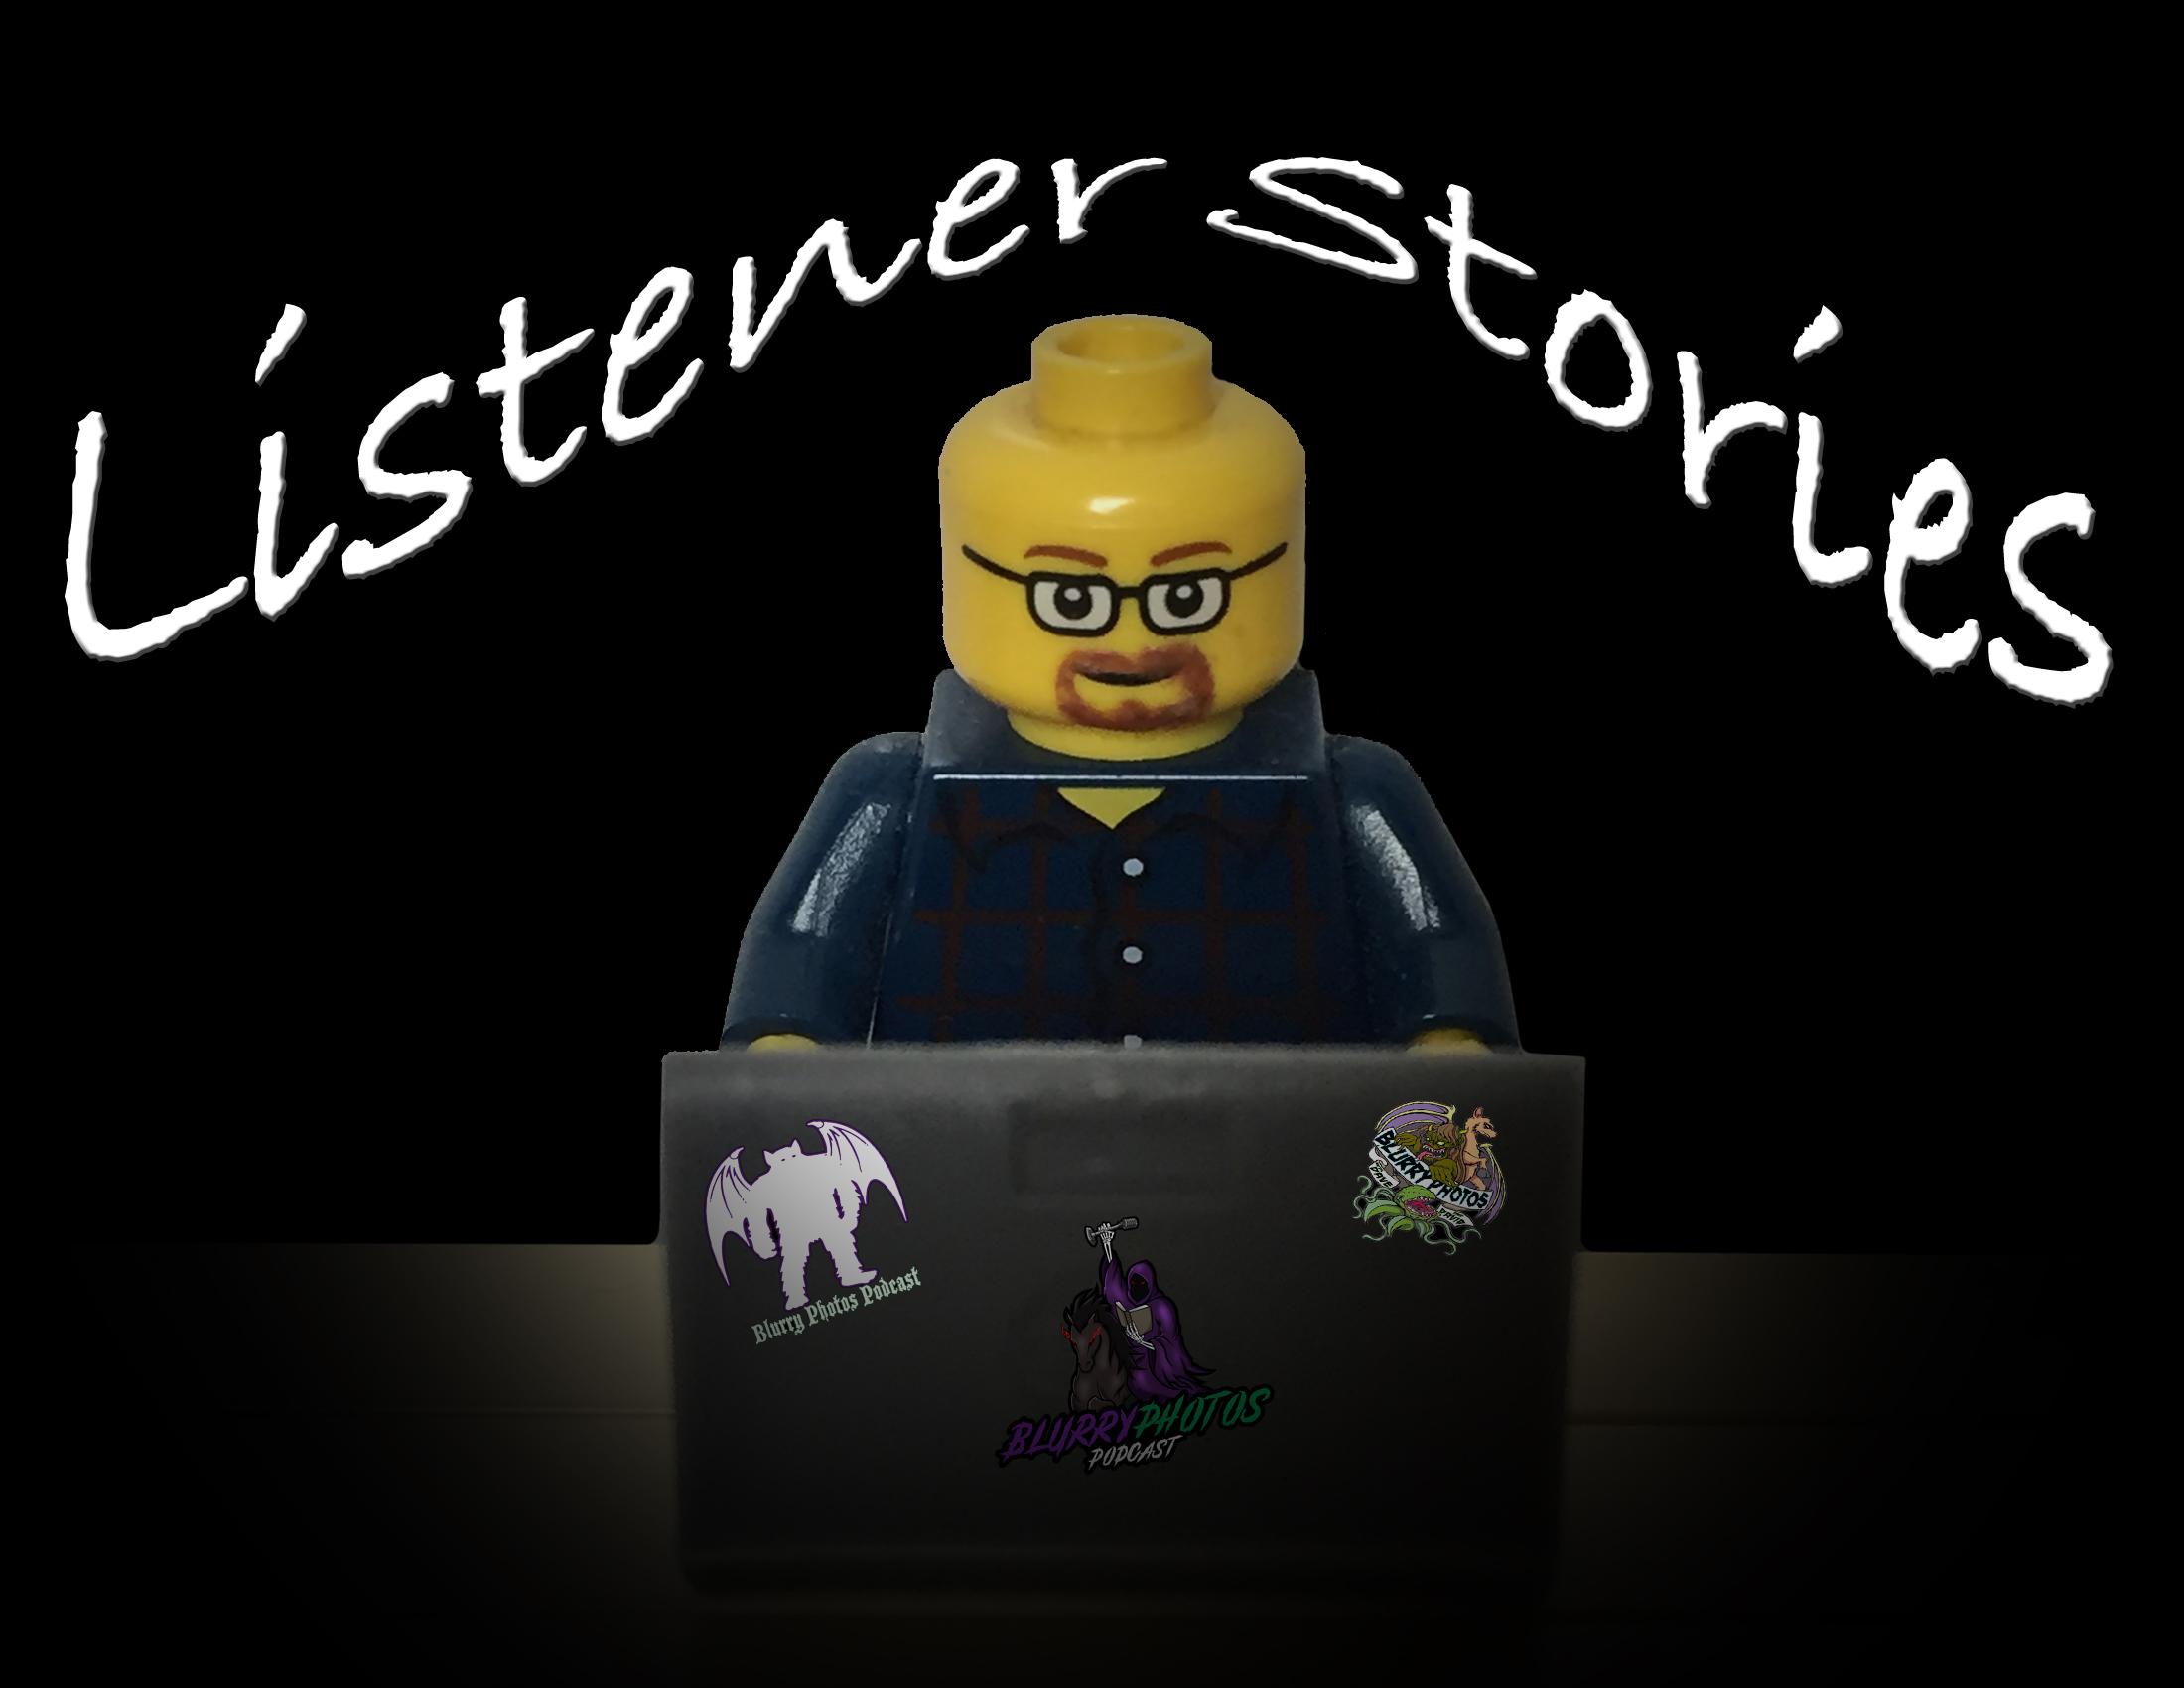 Listener Stories